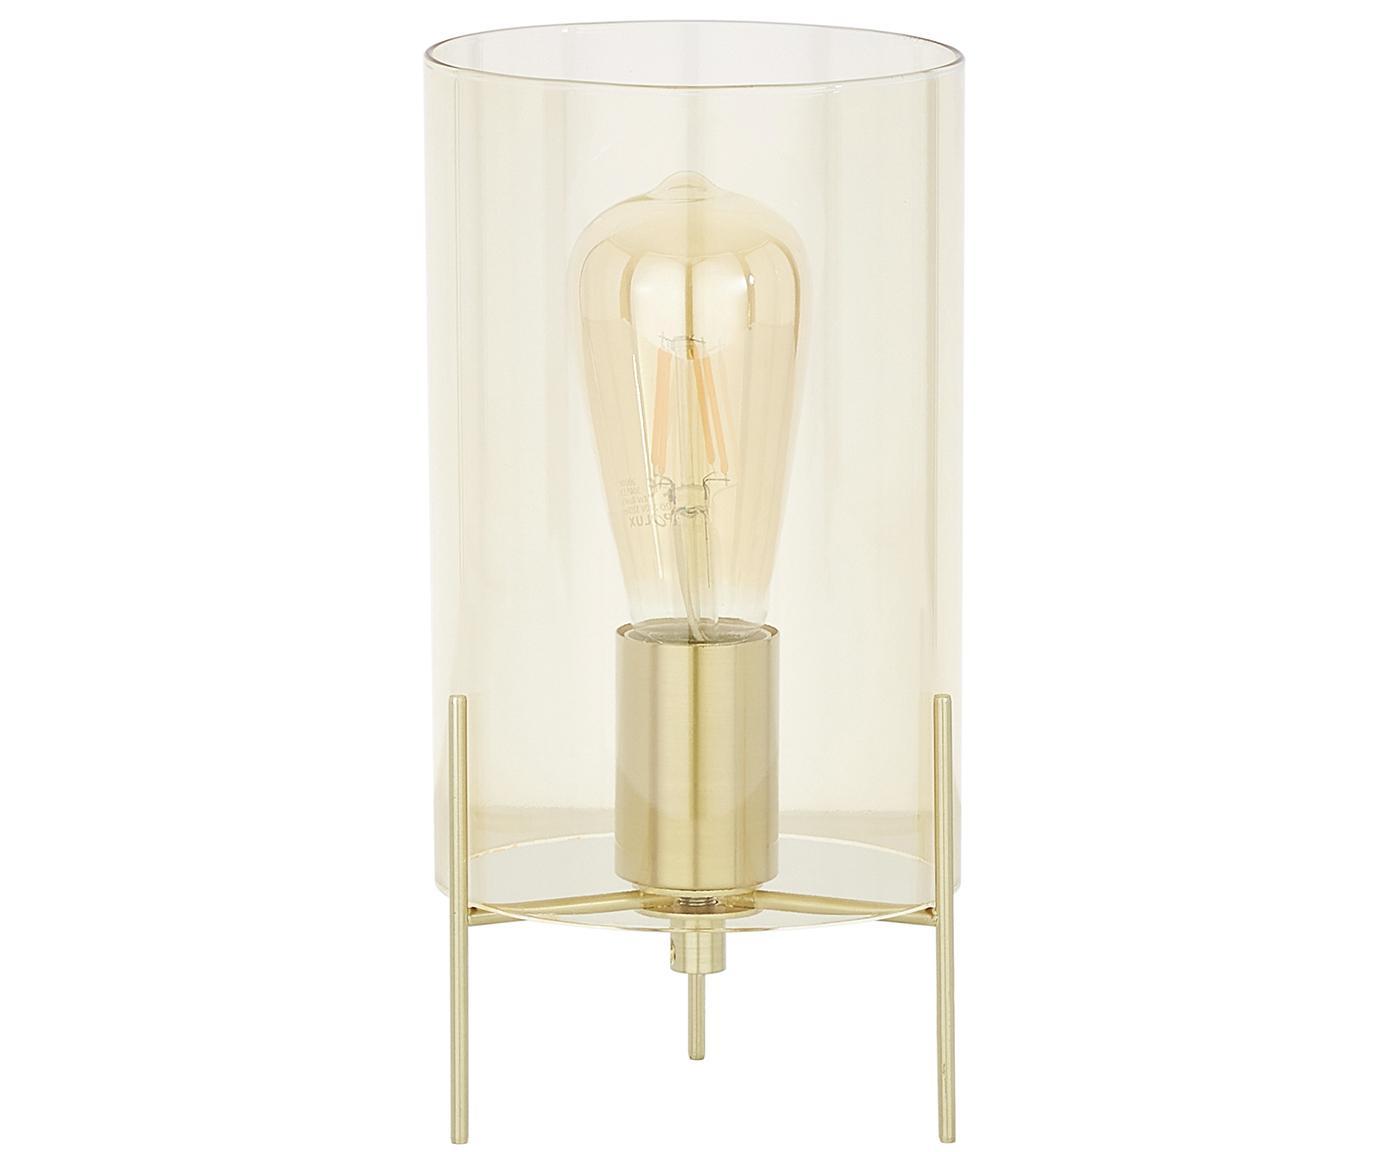 Lámpara de mesa Laurel, Pantalla: vidrio, Cable: plástico, Ámbar, latón, Ø 14 x Al 28 cm